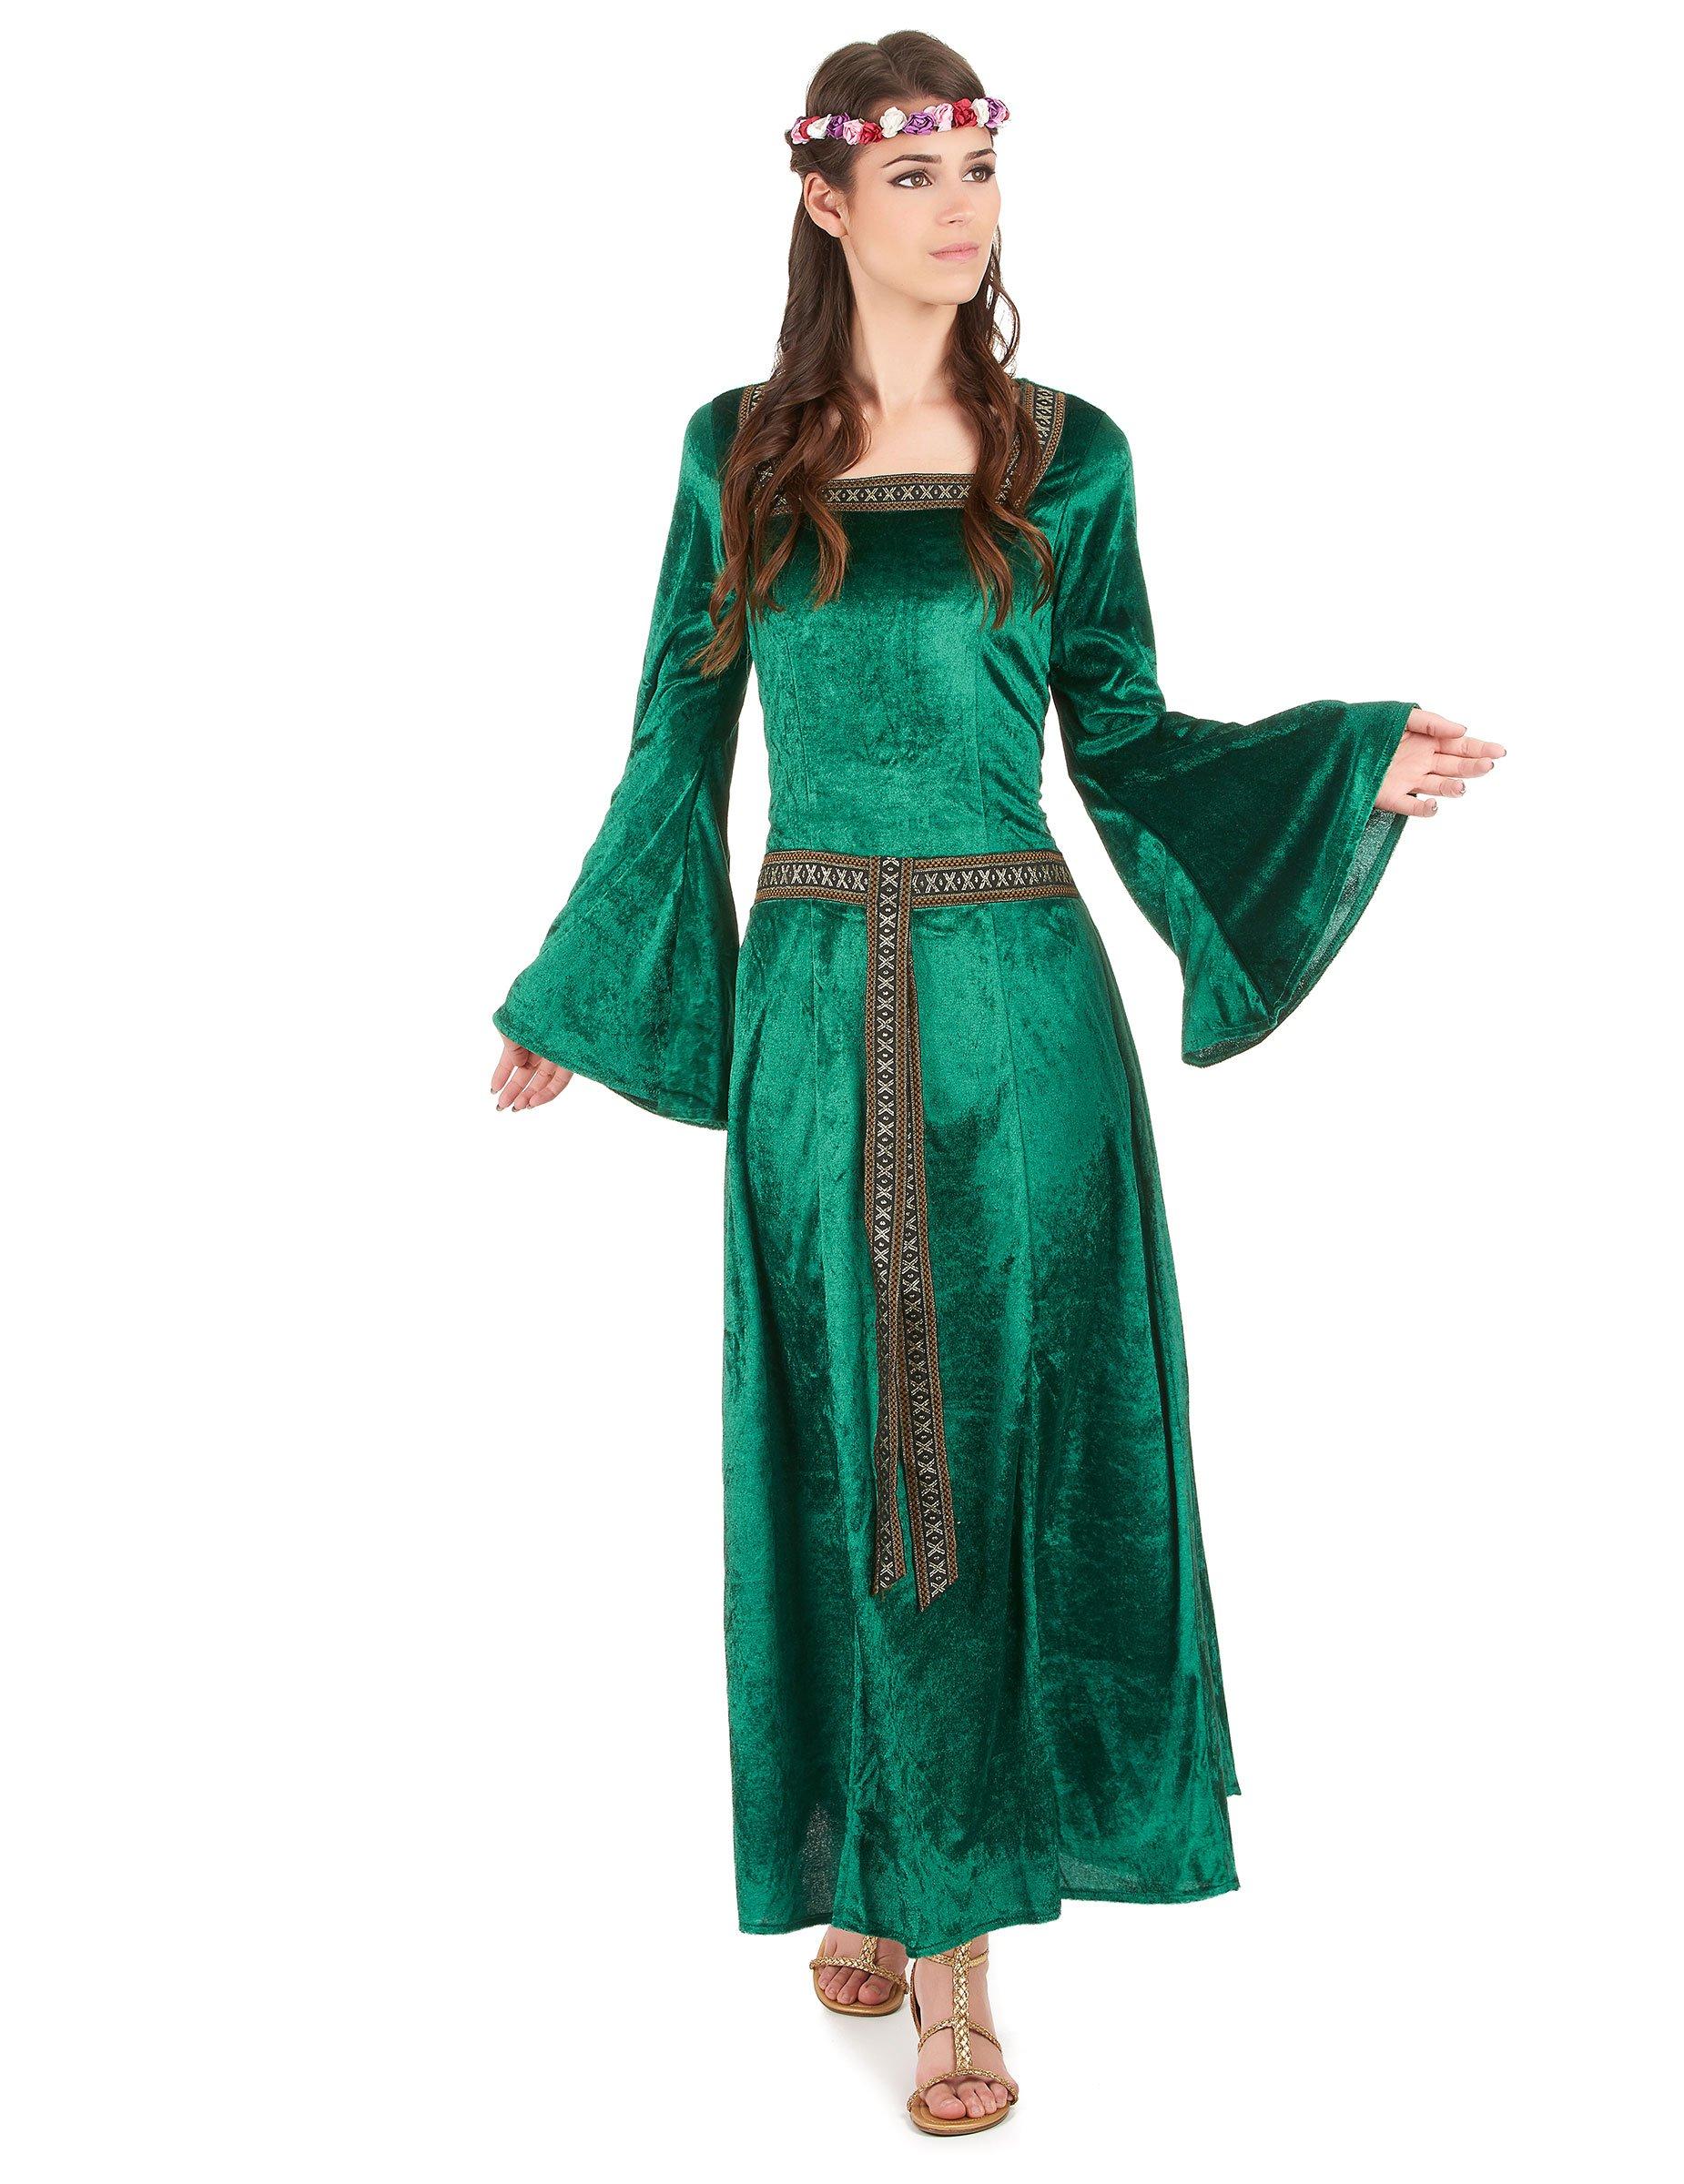 Mittelalter kleidung gunstig online